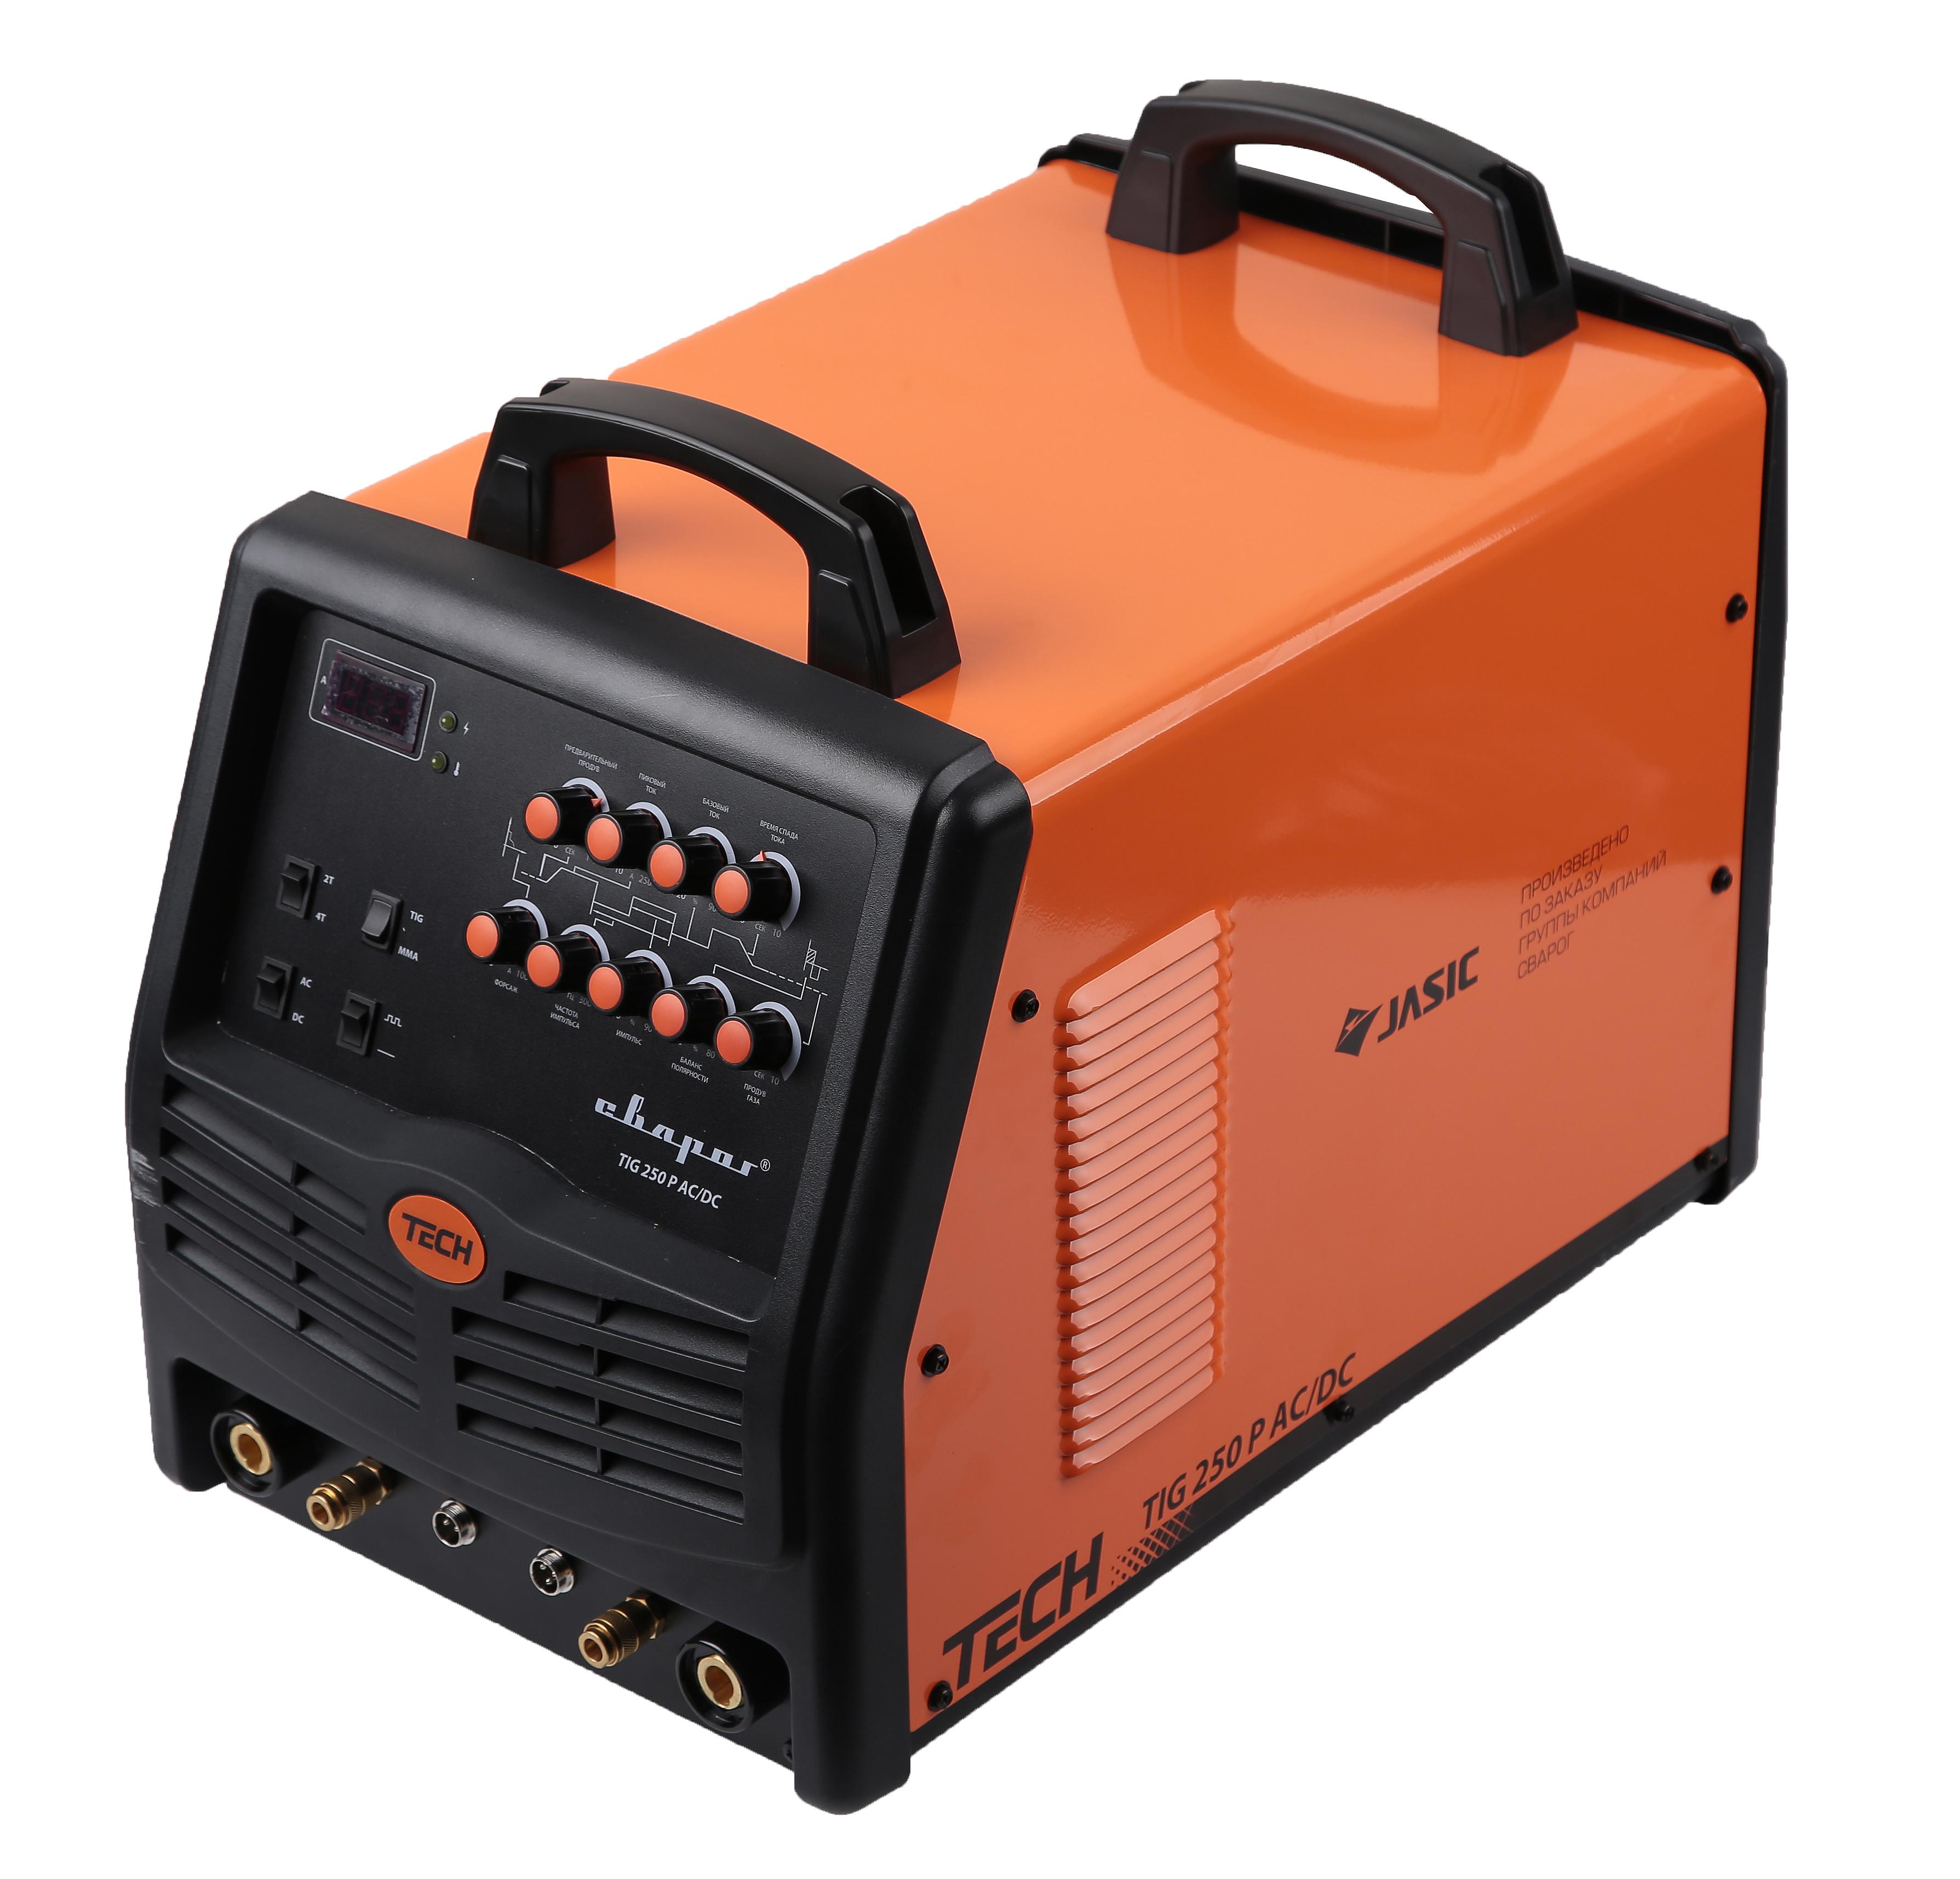 Сварочный аппарат СВАРОГ Tech tig 250 p ac/dc (e102) сварочный инвертор сварог tig 315 p ac dc r63